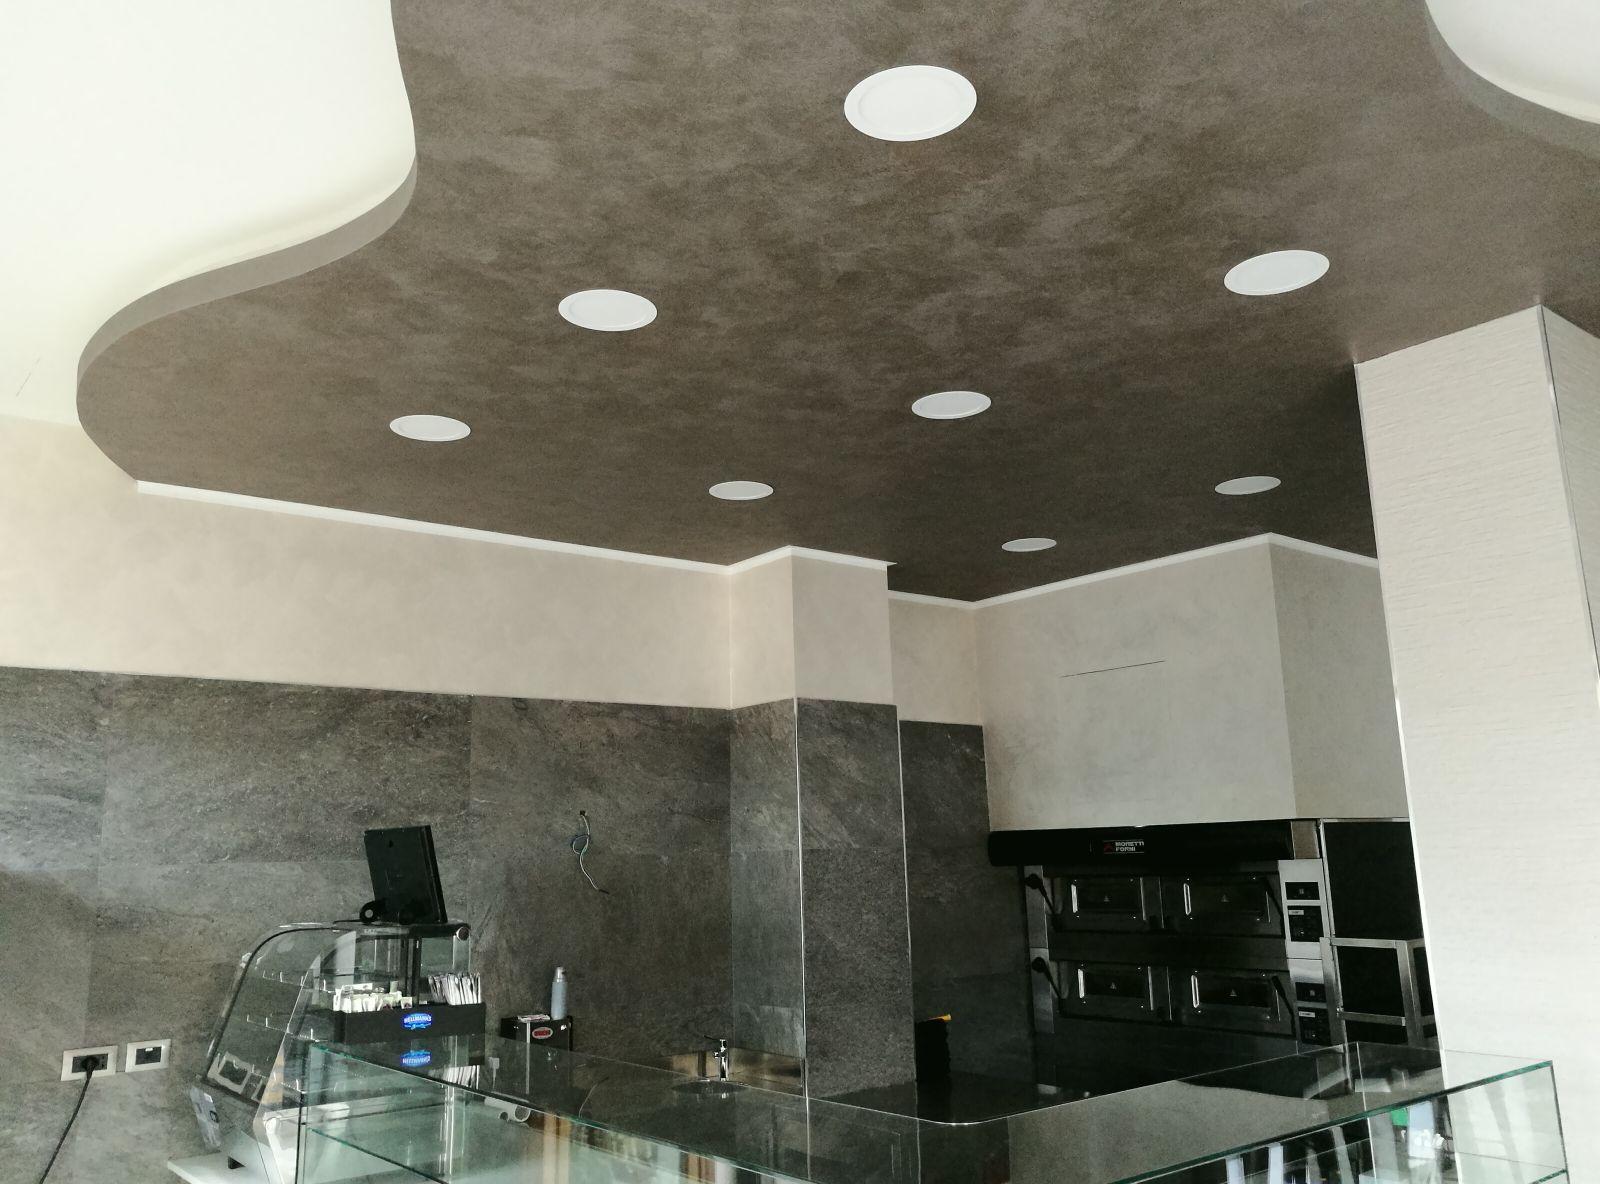 Dettagli del soffitto della pizzeria